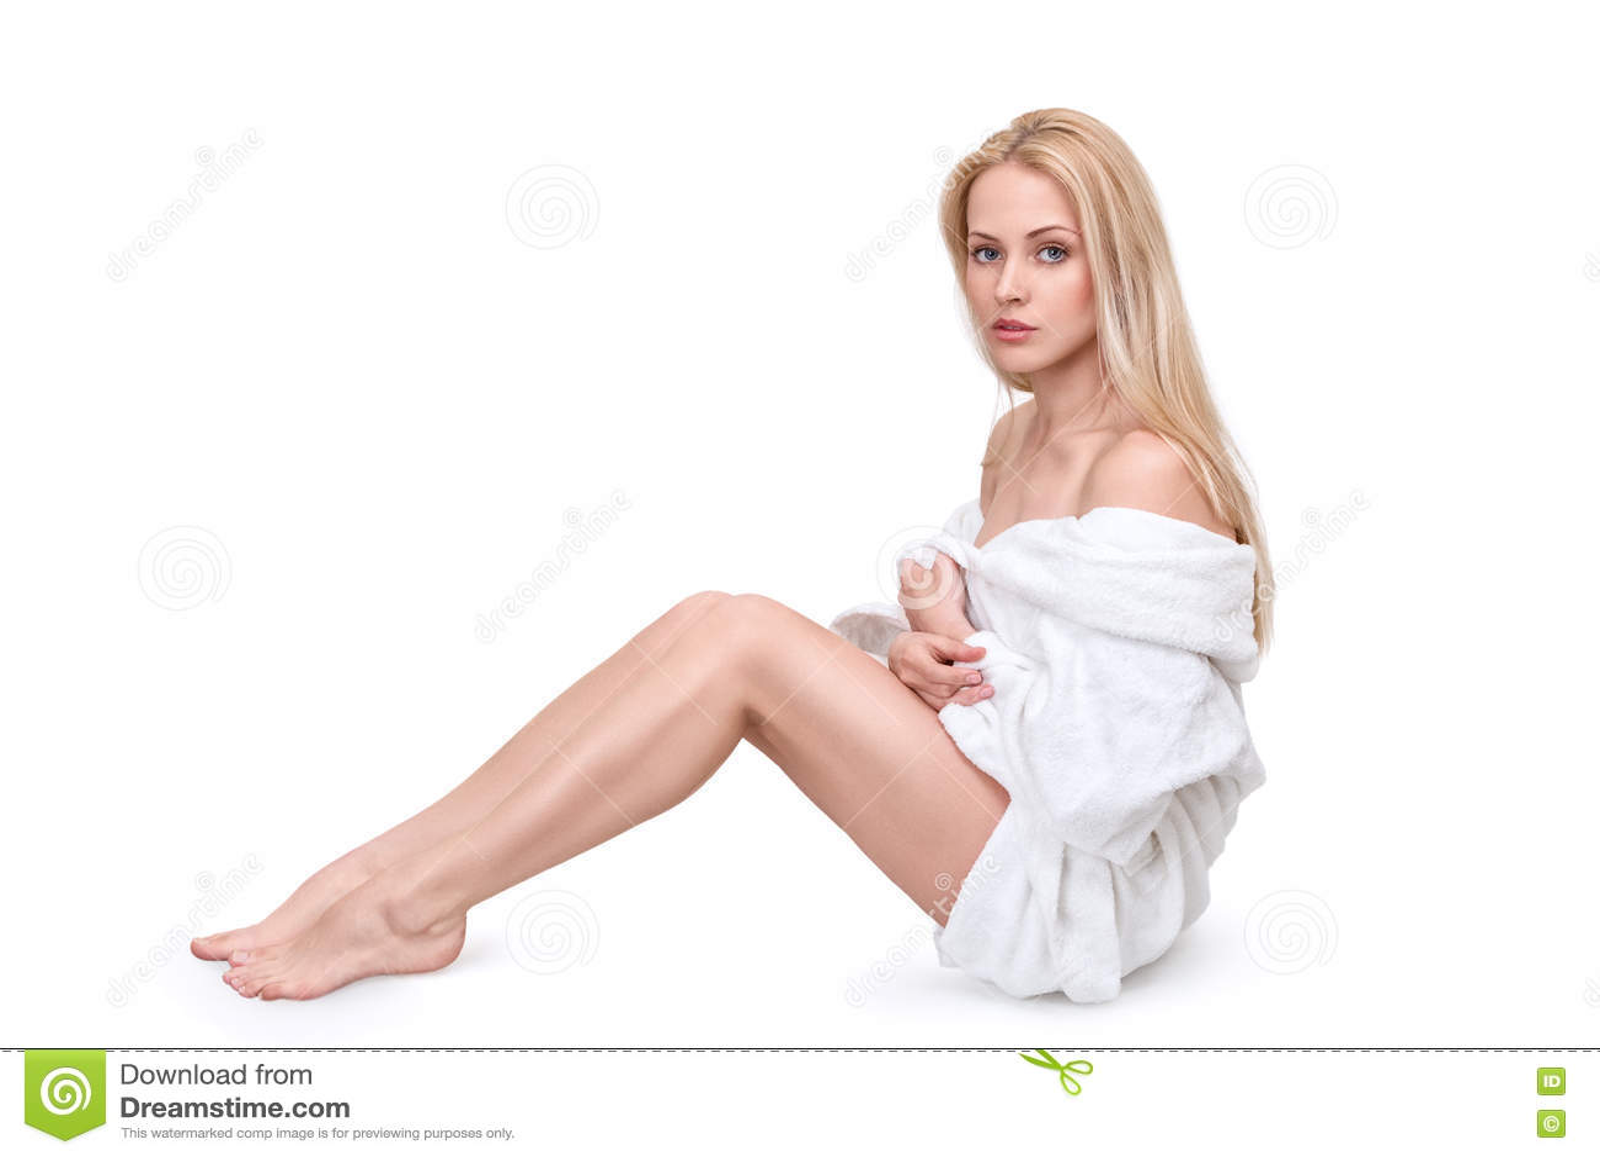 Woman in white bathrobe